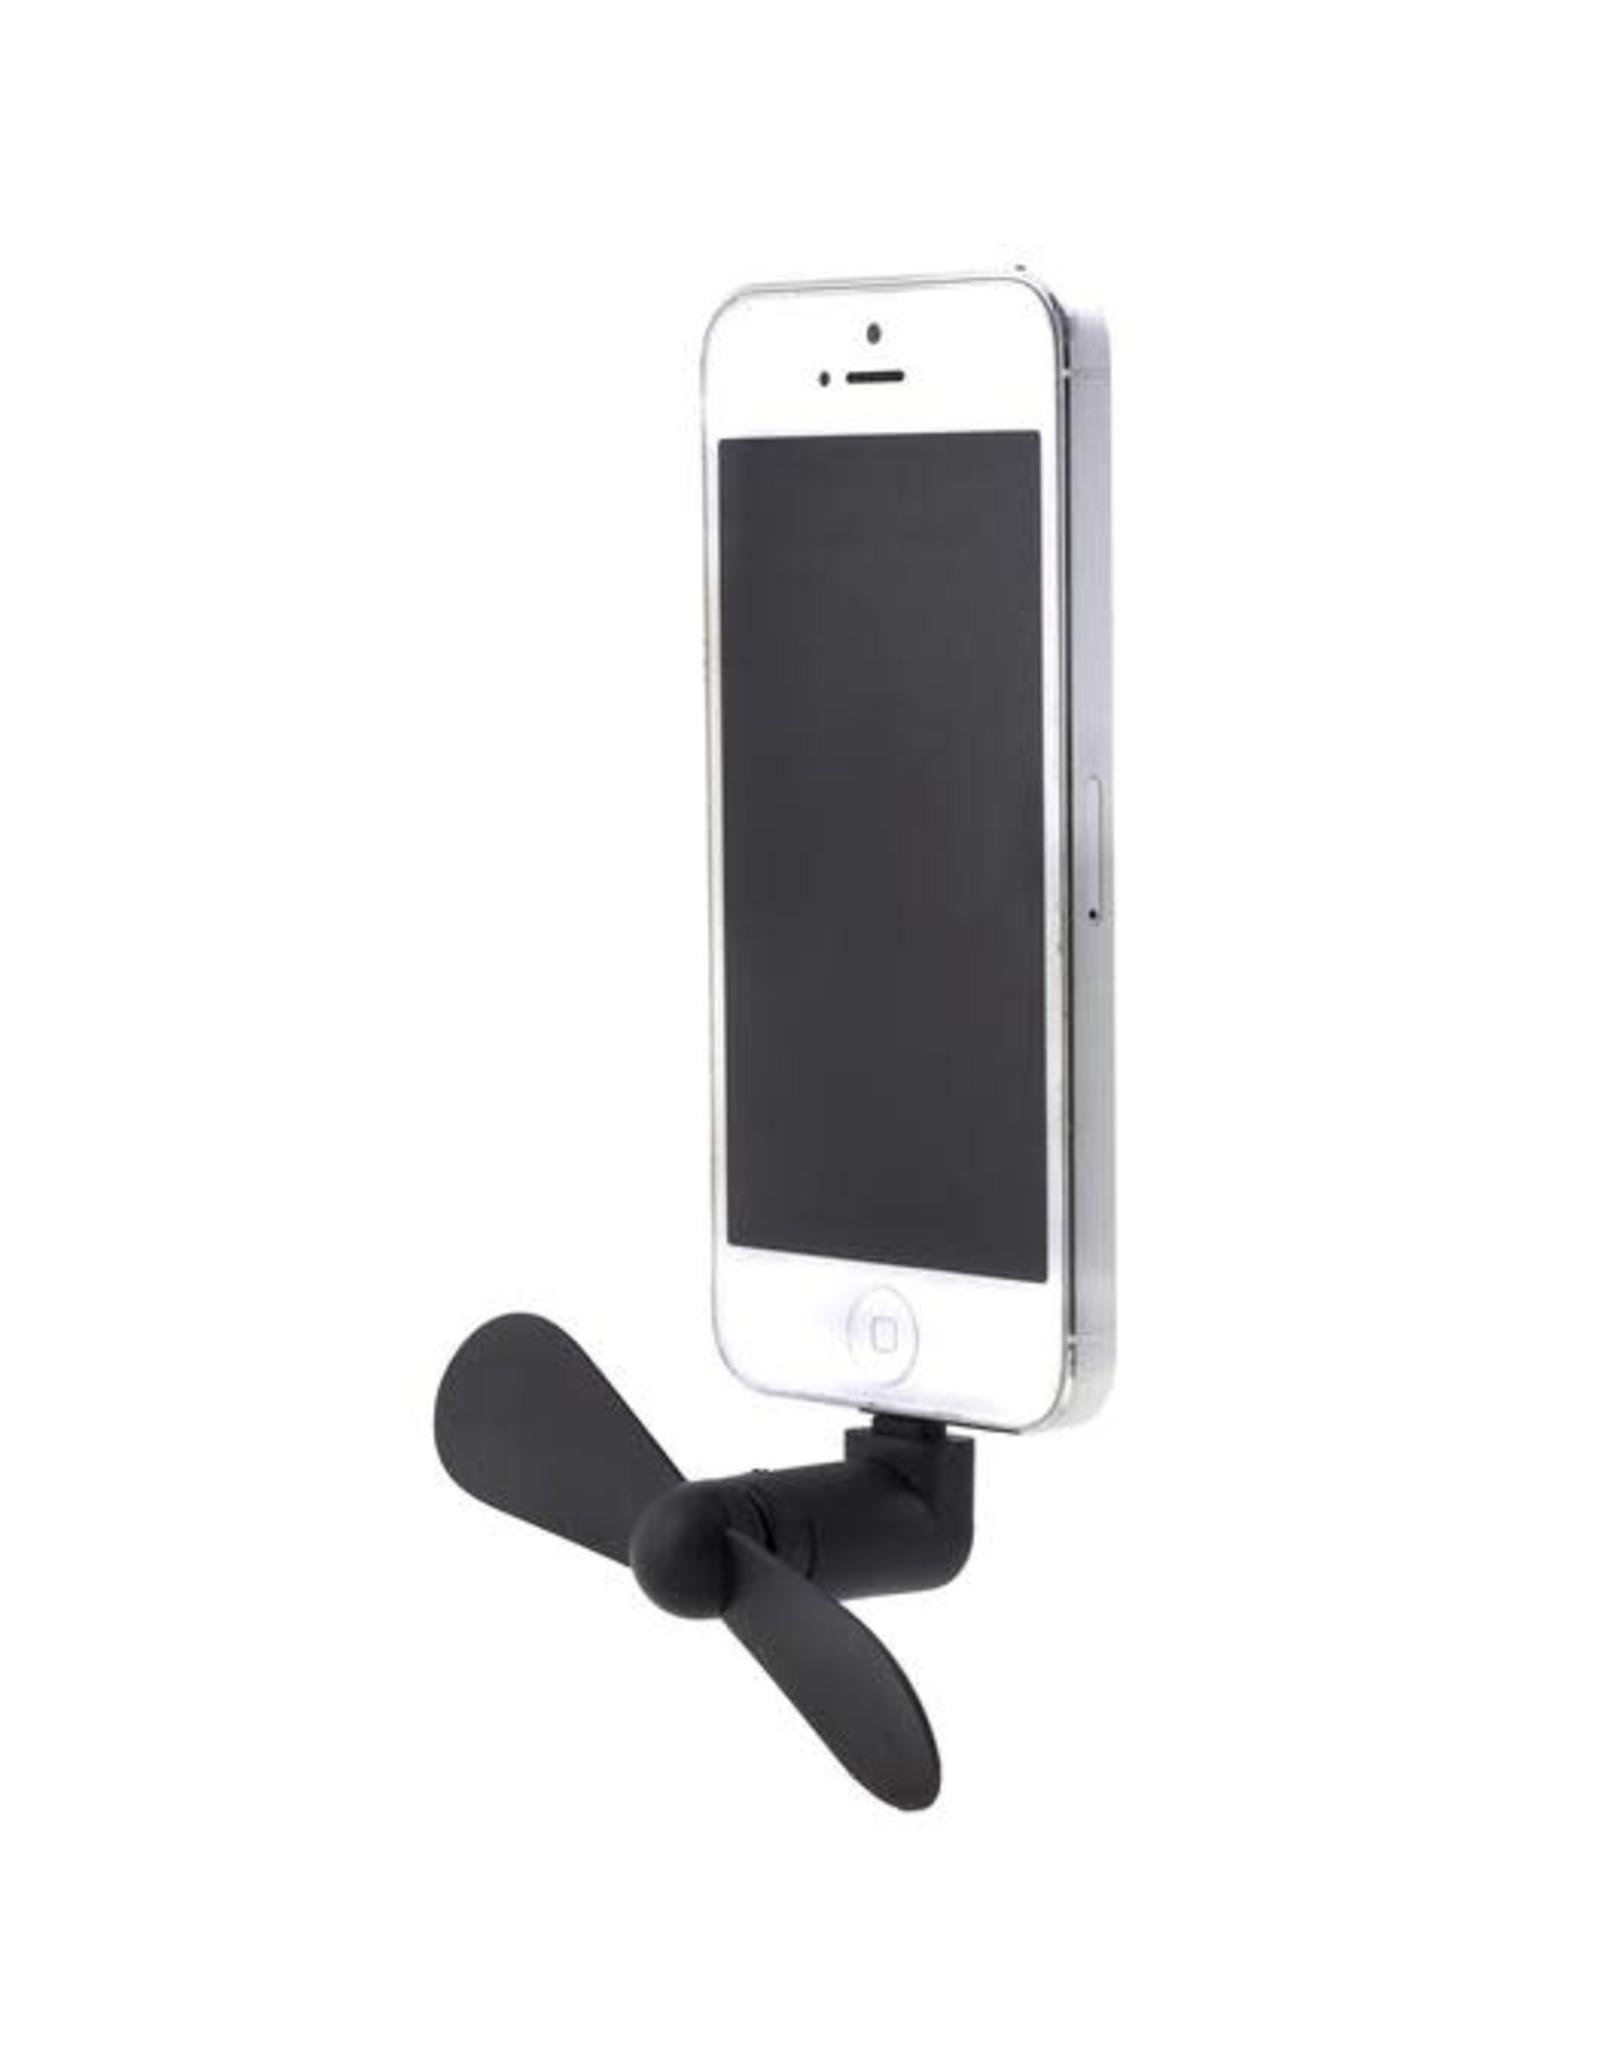 Kikkerland iPhone Fan